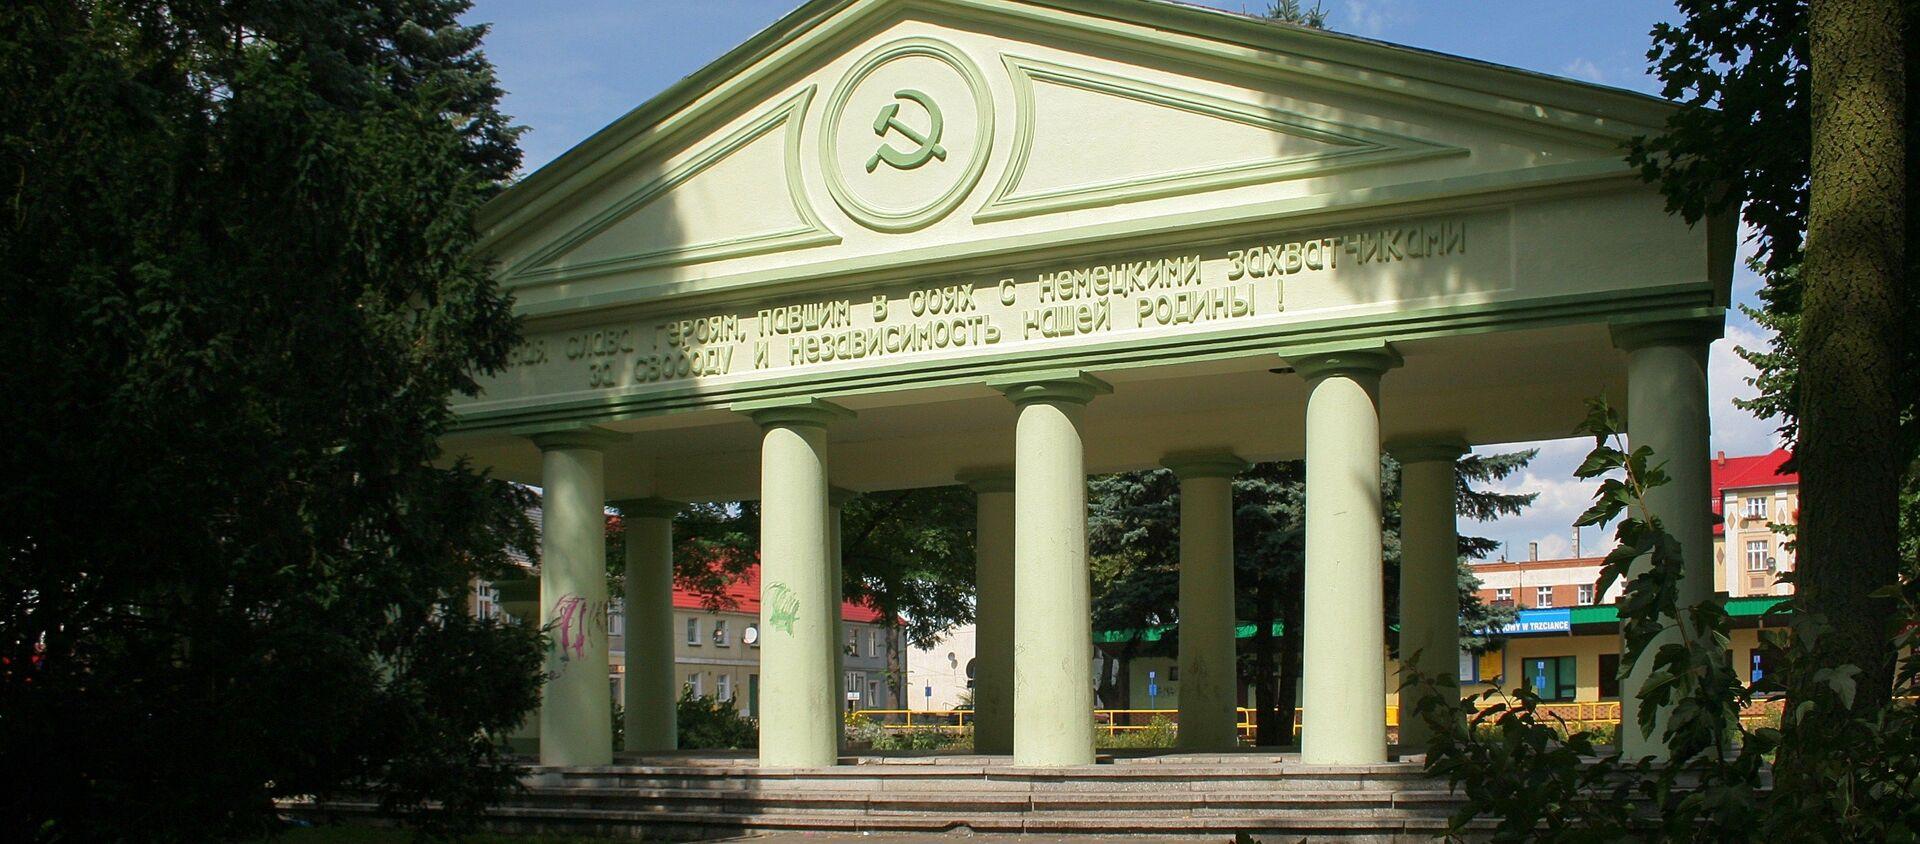 Mauzoleum radzieckich czołgistów w Trzciance zburzone w 2017 roku - Sputnik Polska, 1920, 16.04.2021